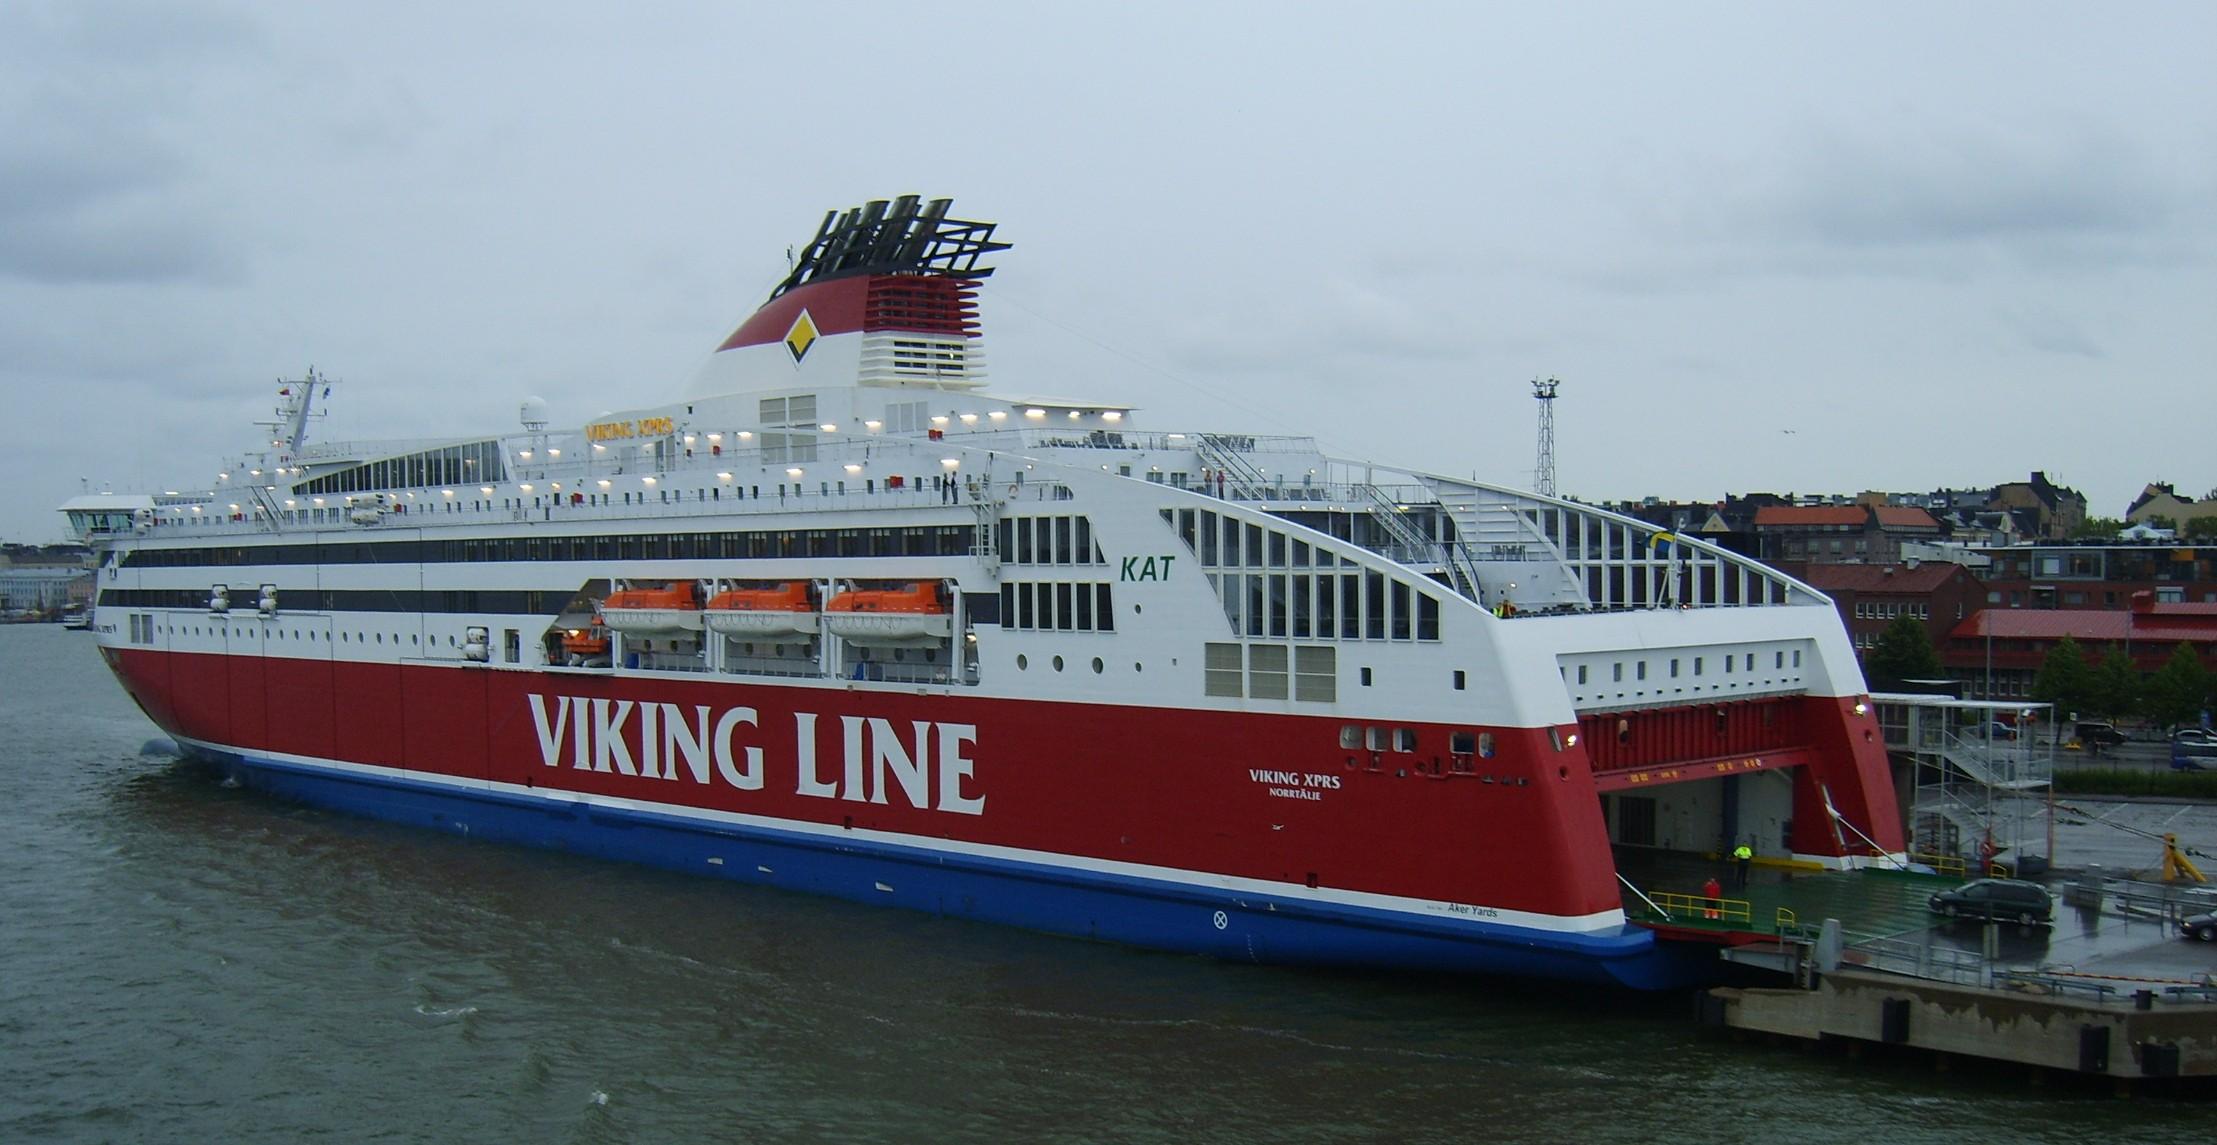 Toimintakatsaus ajalta tammikuu – maaliskuu 2021: Viking Linen tappio pieneni – Ei vieläkään ohjeistusta